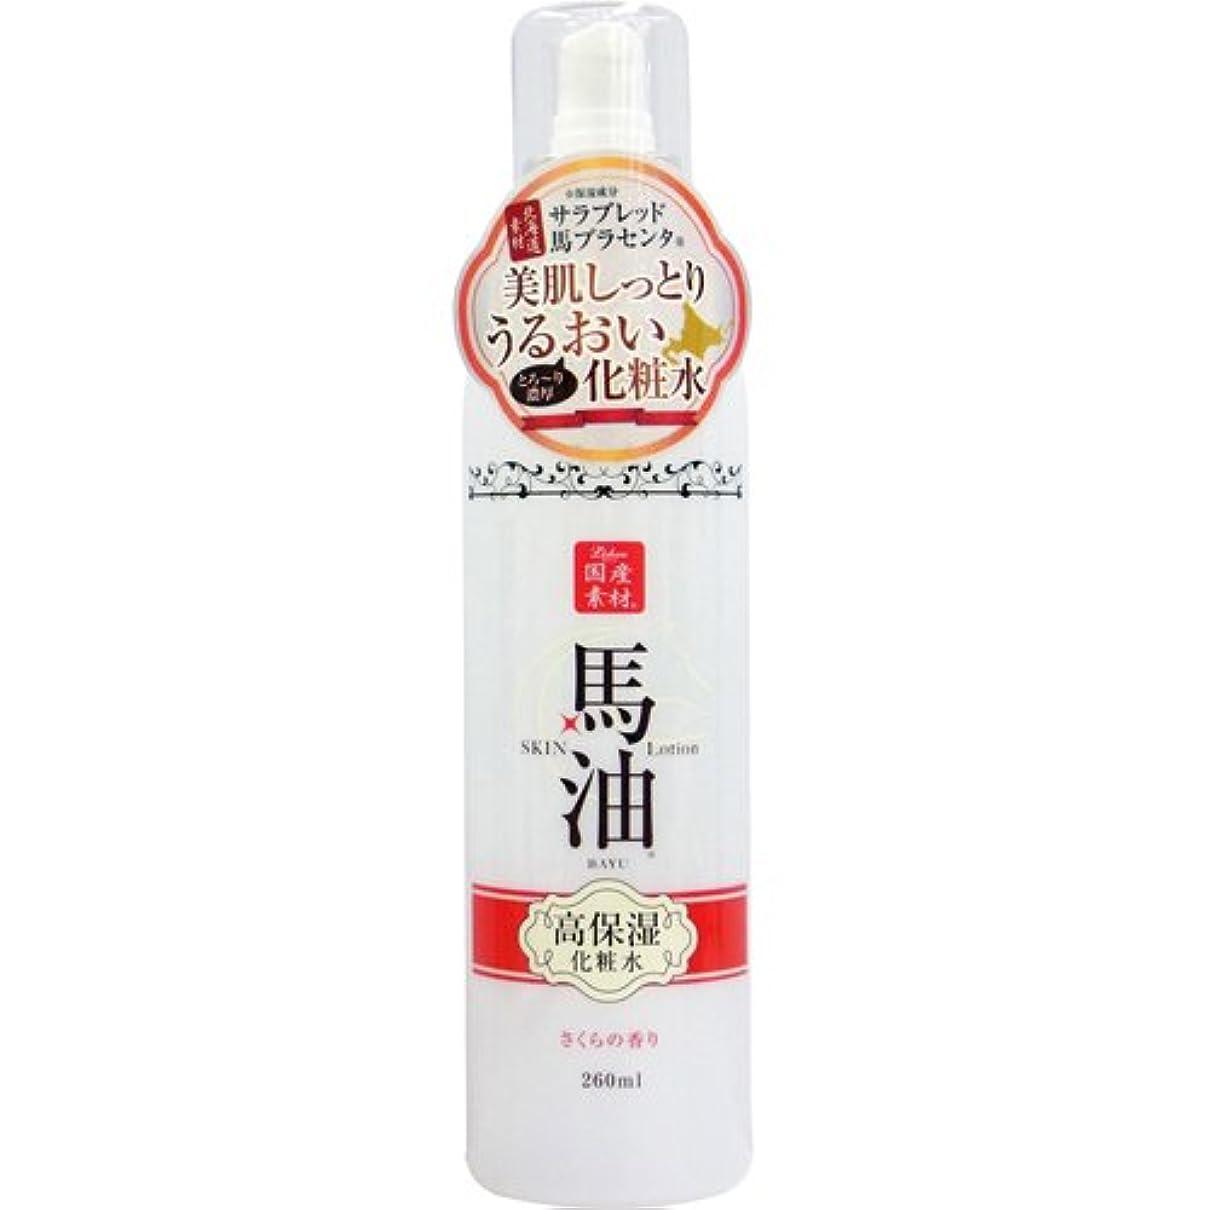 ホールドオール刺激する可塑性リシャン 馬油化粧水 (さくらの香り) (260mL)